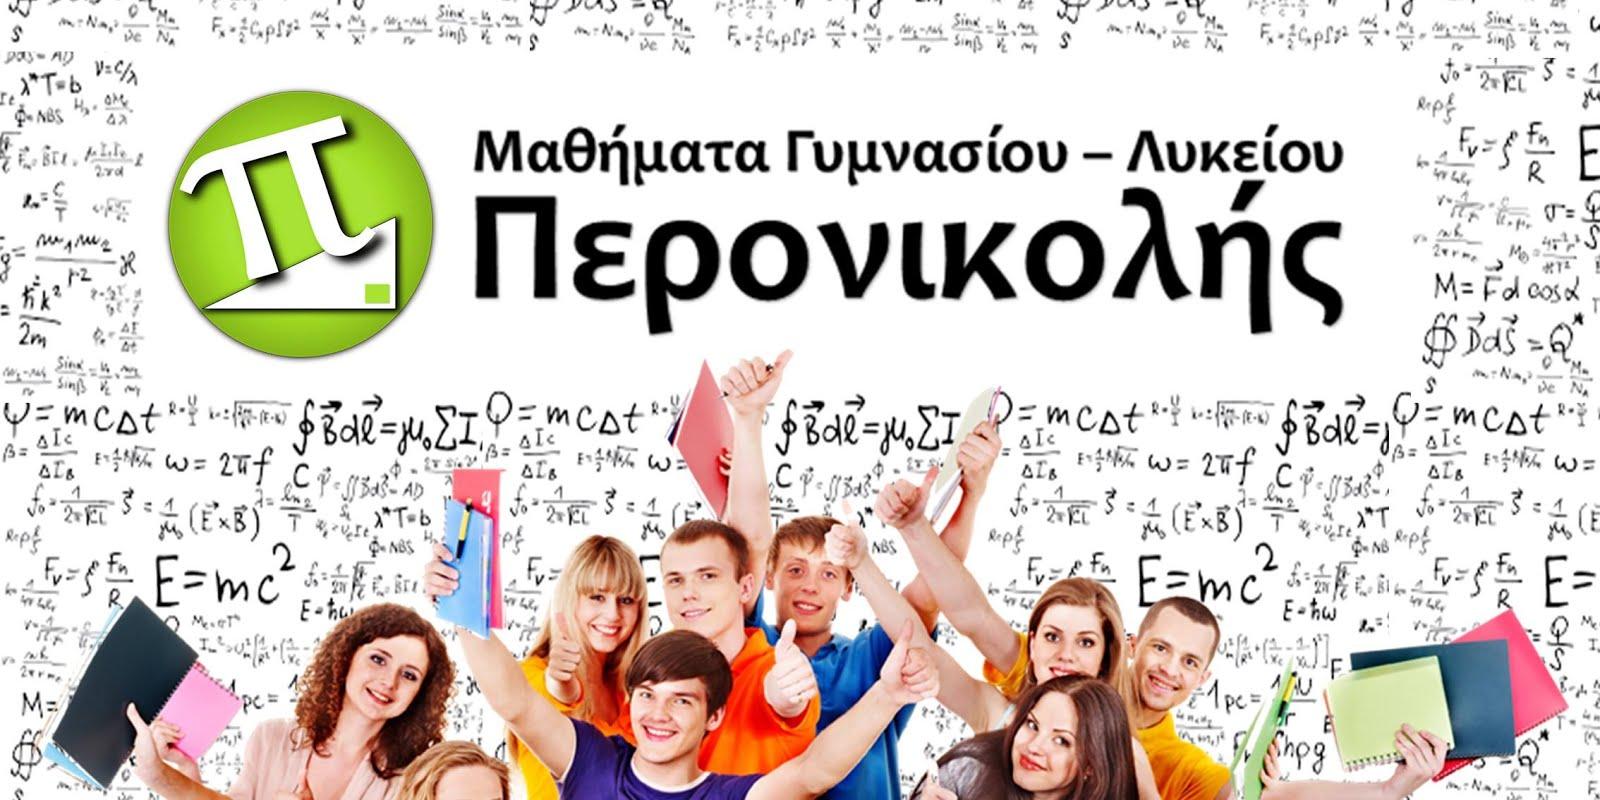 Μαθήματα Γυμνασίου - Λυκείου Περονικολής